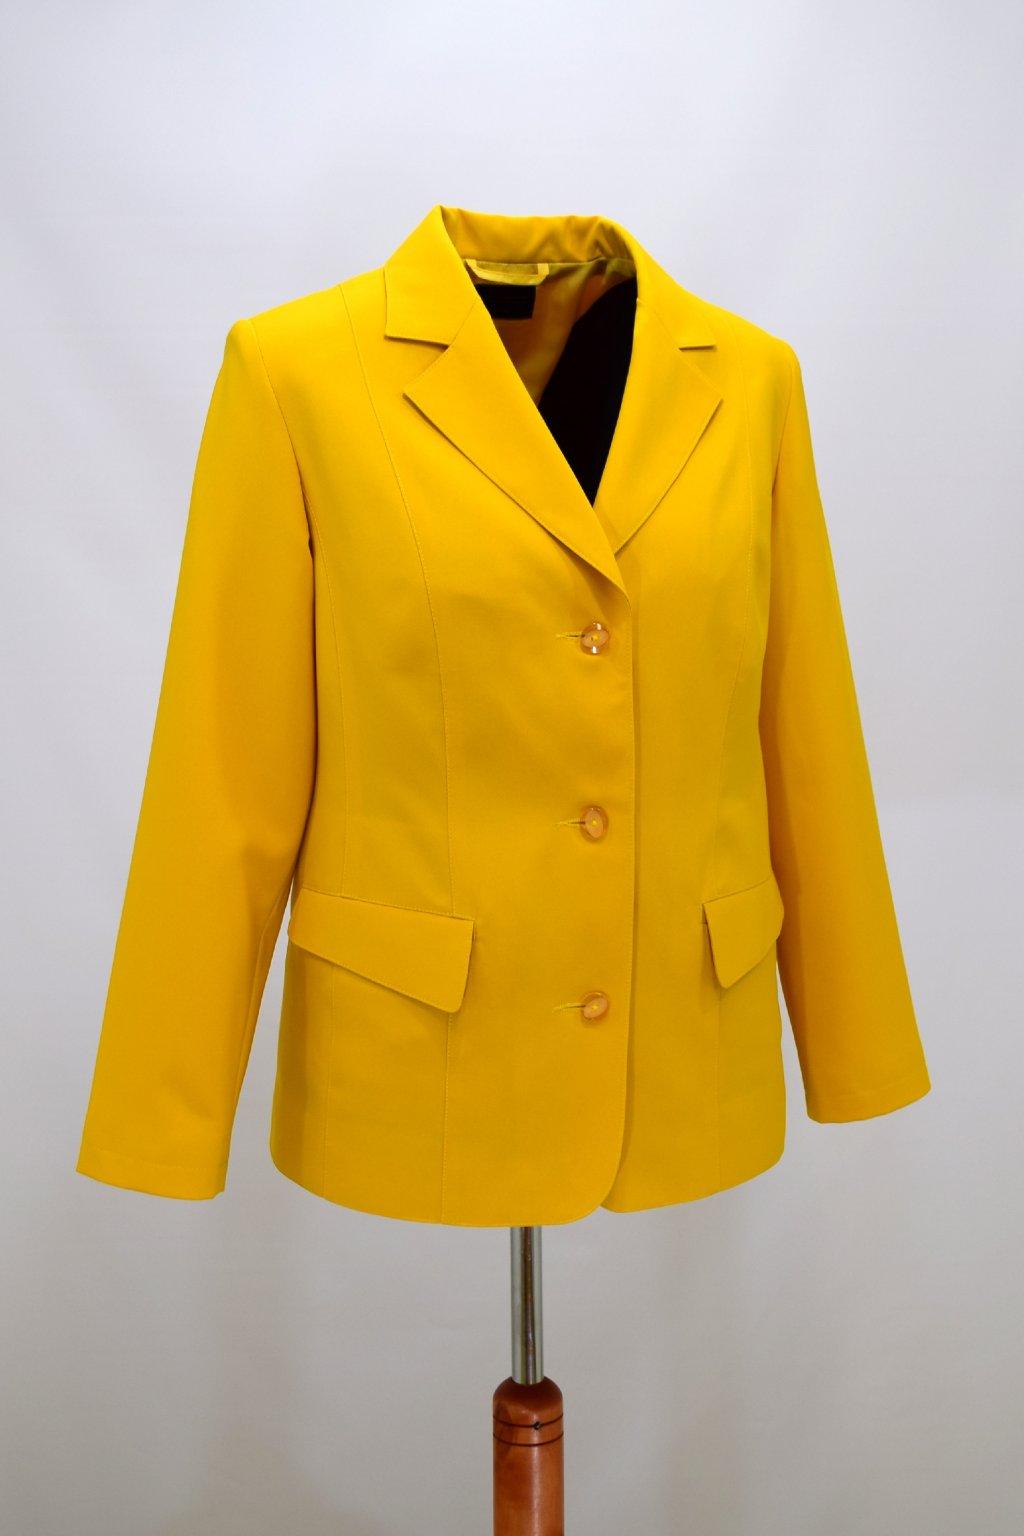 Dámské žluté sako Diana nadměrné velikosti.